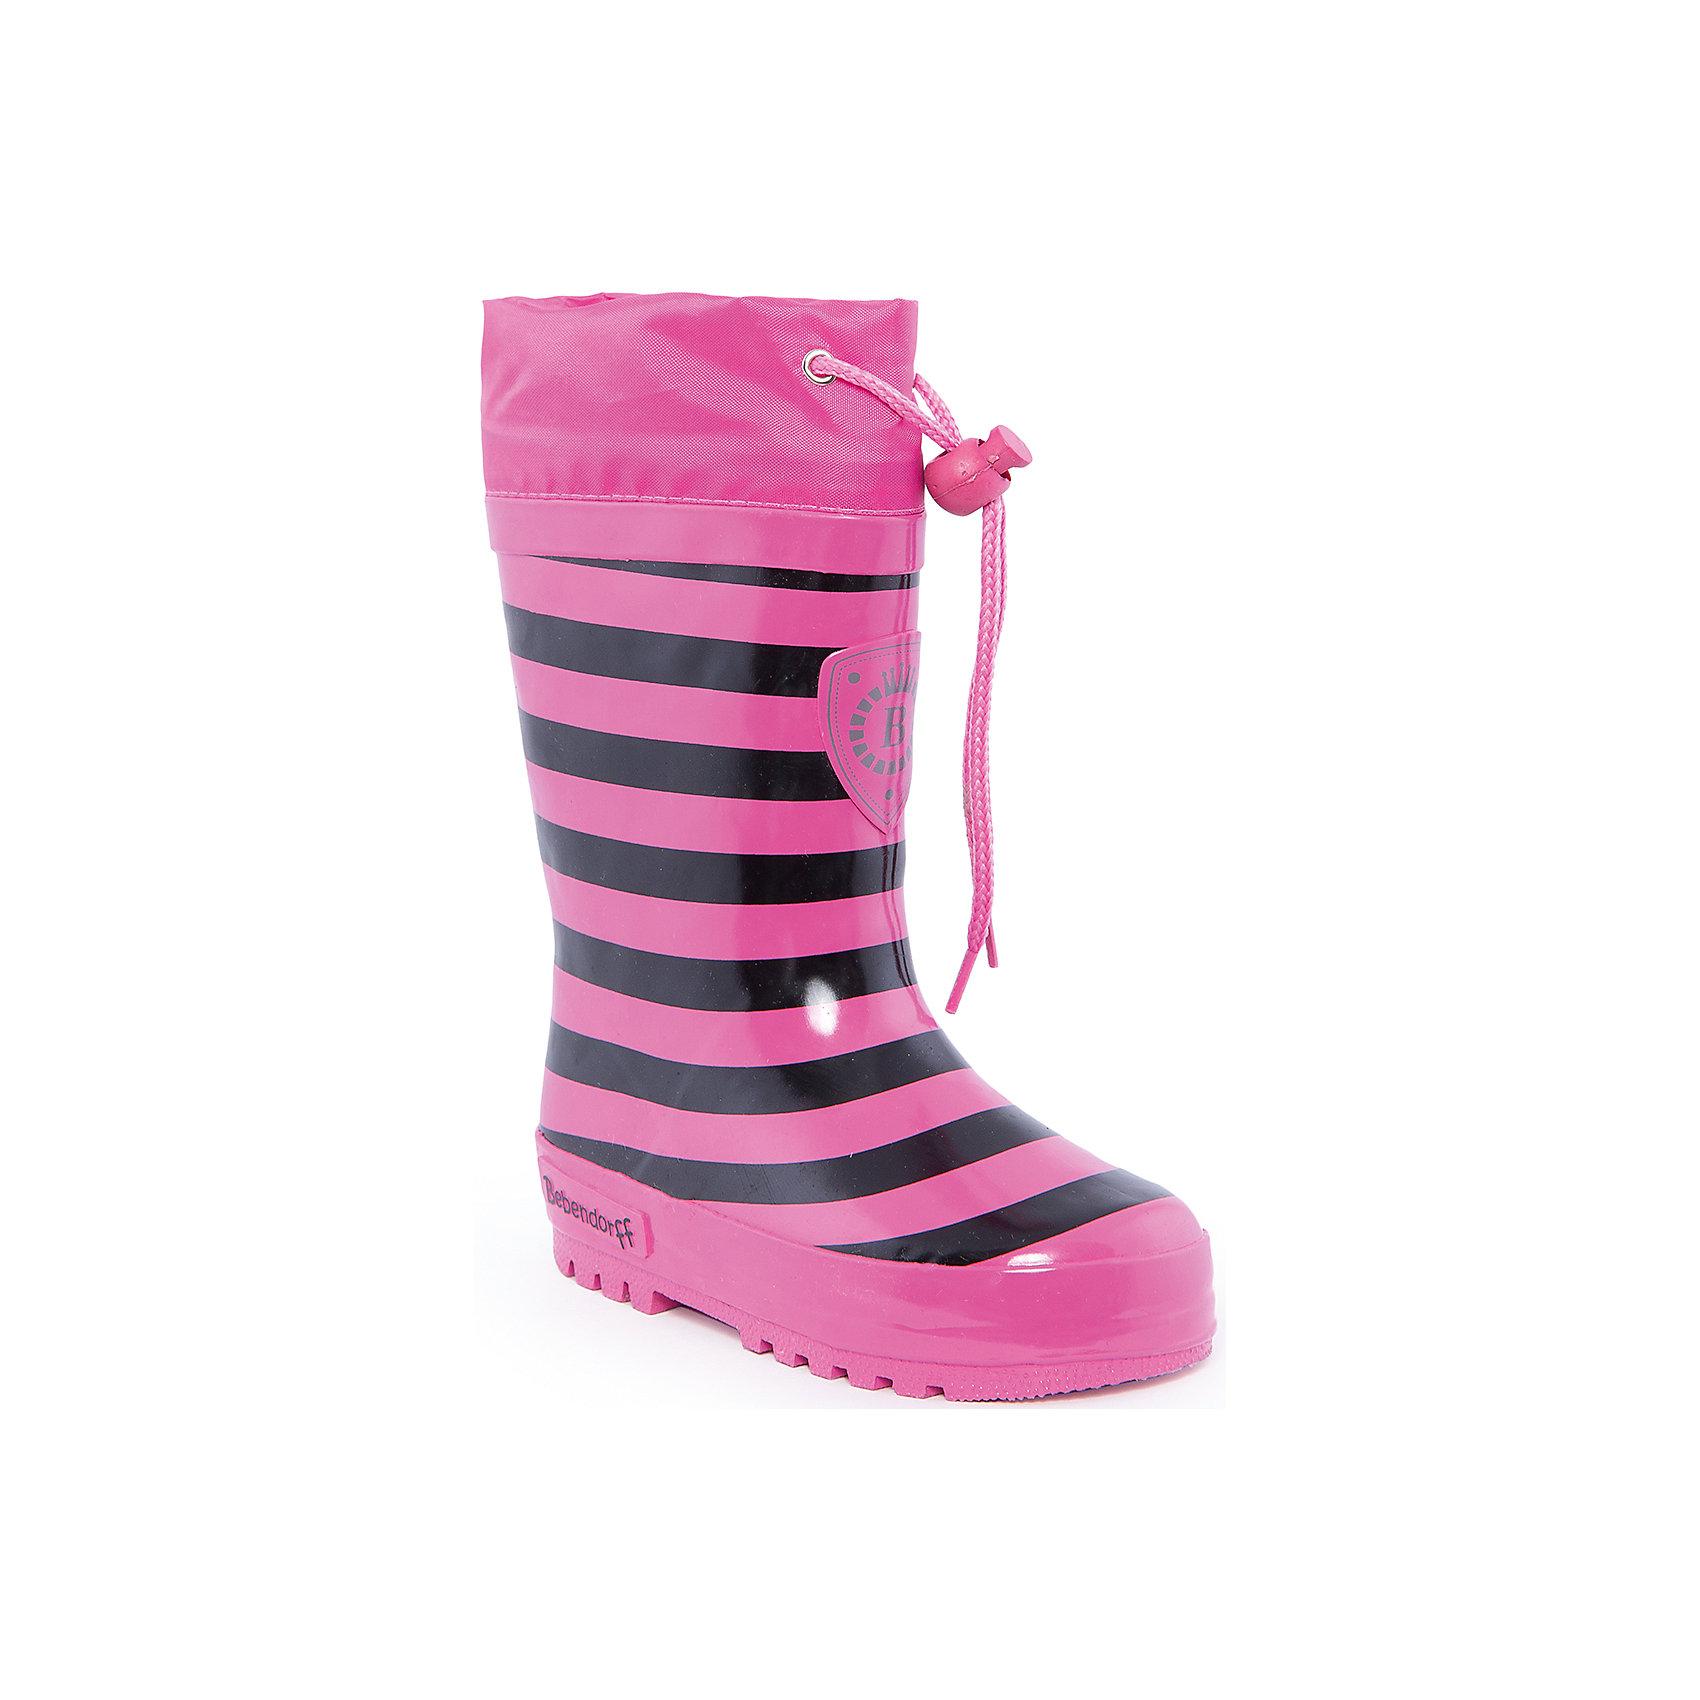 Резиновые сапоги для девочки BebendorffРезиновые сапоги для девочки от известного бренда Bebendorff<br><br>Яркие модные сапоги сделаны из качественной резины. Они позволят защитить ноги ребенка от сырости и холода благодаря шерстяной подкладке. Высокое голенище защитит одежду от грязи и влаги.<br><br>Отличительные особенности модели:<br><br>- цвет: фуксия;<br>- удобная форма;<br>- утяжка со стоппером на голенище;<br>- качественные материалы;<br>- толстая устойчивая подошва;<br>- теплая подкладка;<br>- декорированы черными полосками;<br>- подошва рифленая.<br><br>Дополнительная информация:<br><br>Температурный режим: от - 5° С до + 15° С.<br><br>Состав:<br>верх - резина;<br>подкладка - шерсть;<br>стелька - шерсть;<br>подошва - резина.<br><br>Резиновые сапоги для девочки Bebendorff (Бебендорф) можно купить в нашем магазине.<br><br>Ширина мм: 237<br>Глубина мм: 180<br>Высота мм: 152<br>Вес г: 438<br>Цвет: фуксия<br>Возраст от месяцев: 48<br>Возраст до месяцев: 60<br>Пол: Женский<br>Возраст: Детский<br>Размер: 28,26,25,27,29<br>SKU: 4554635